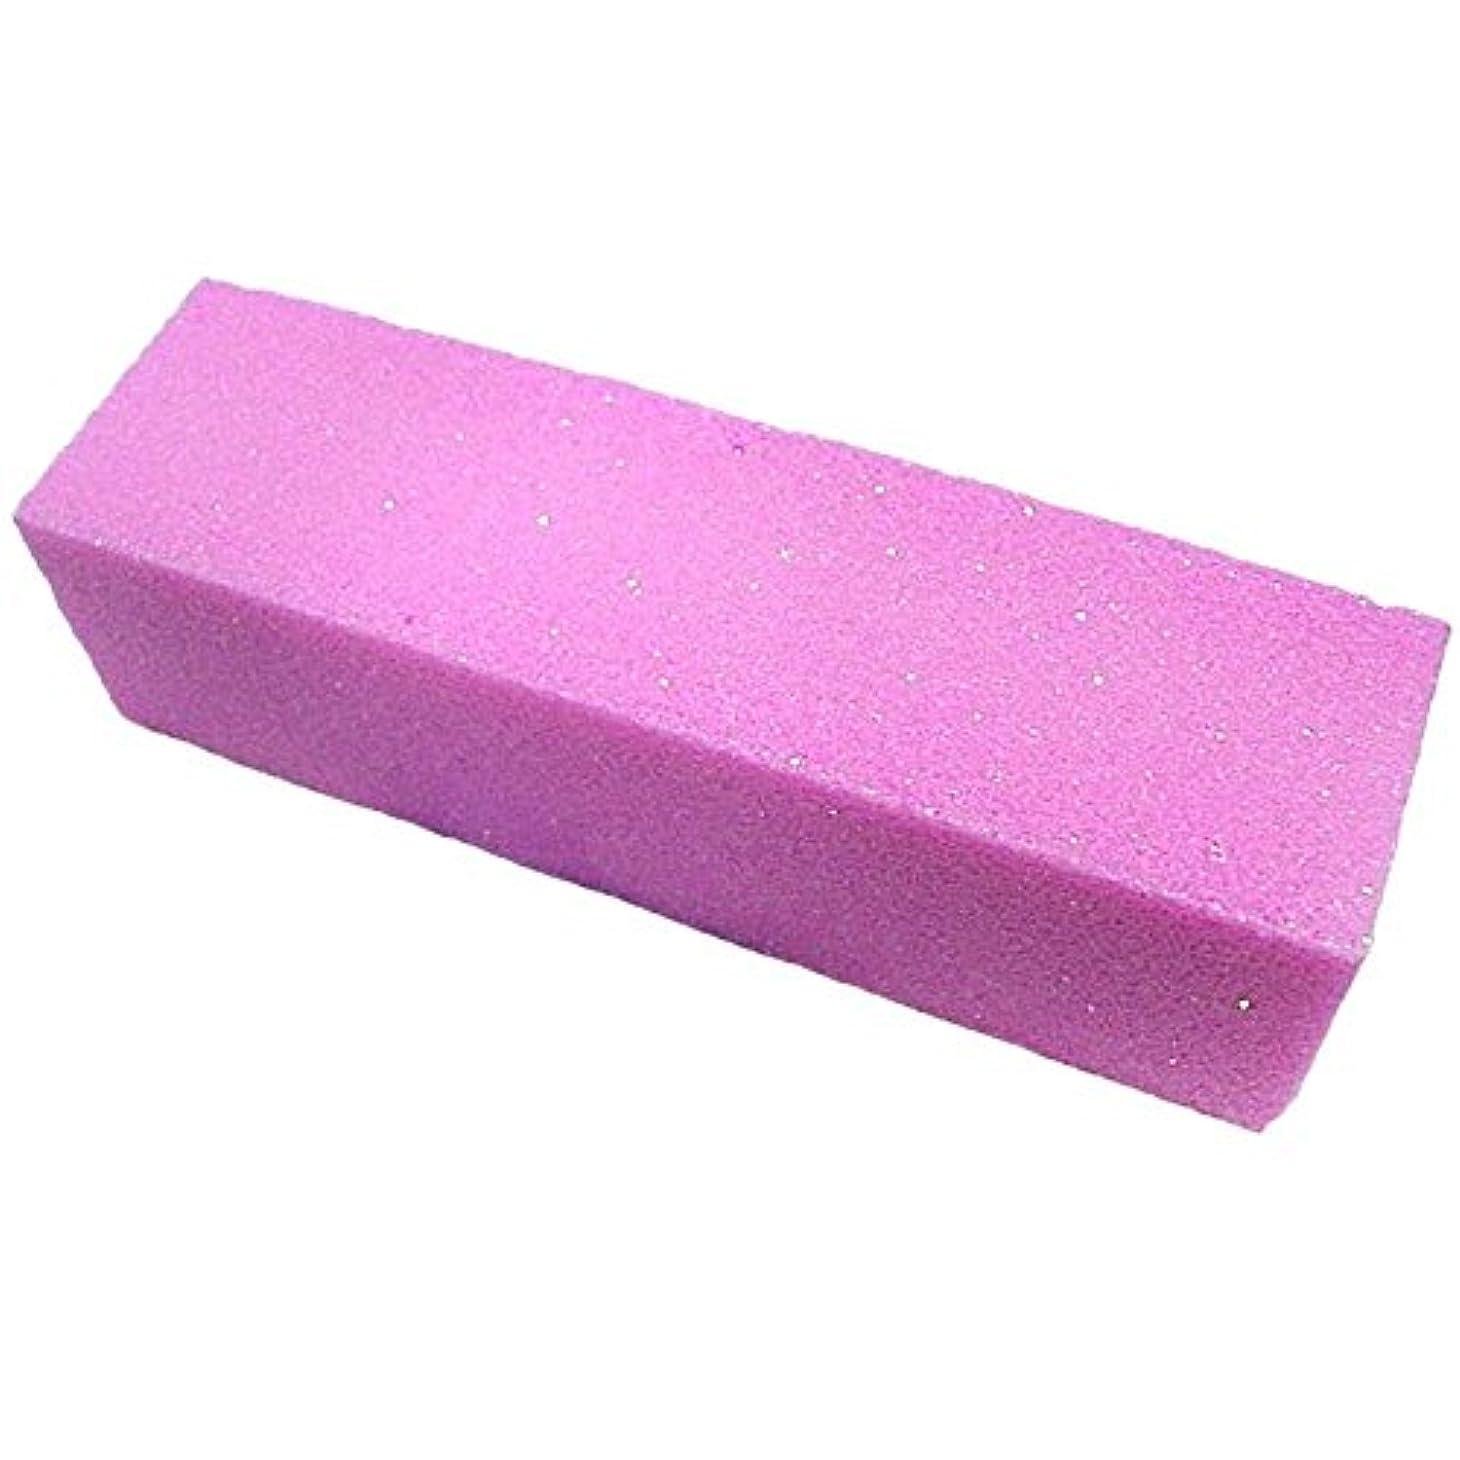 程度促進するフランクワースリーRETYLY 10xピンク色のバッファバフサンディングブロックファイル マニキュアペディキュア ネイルアートの為